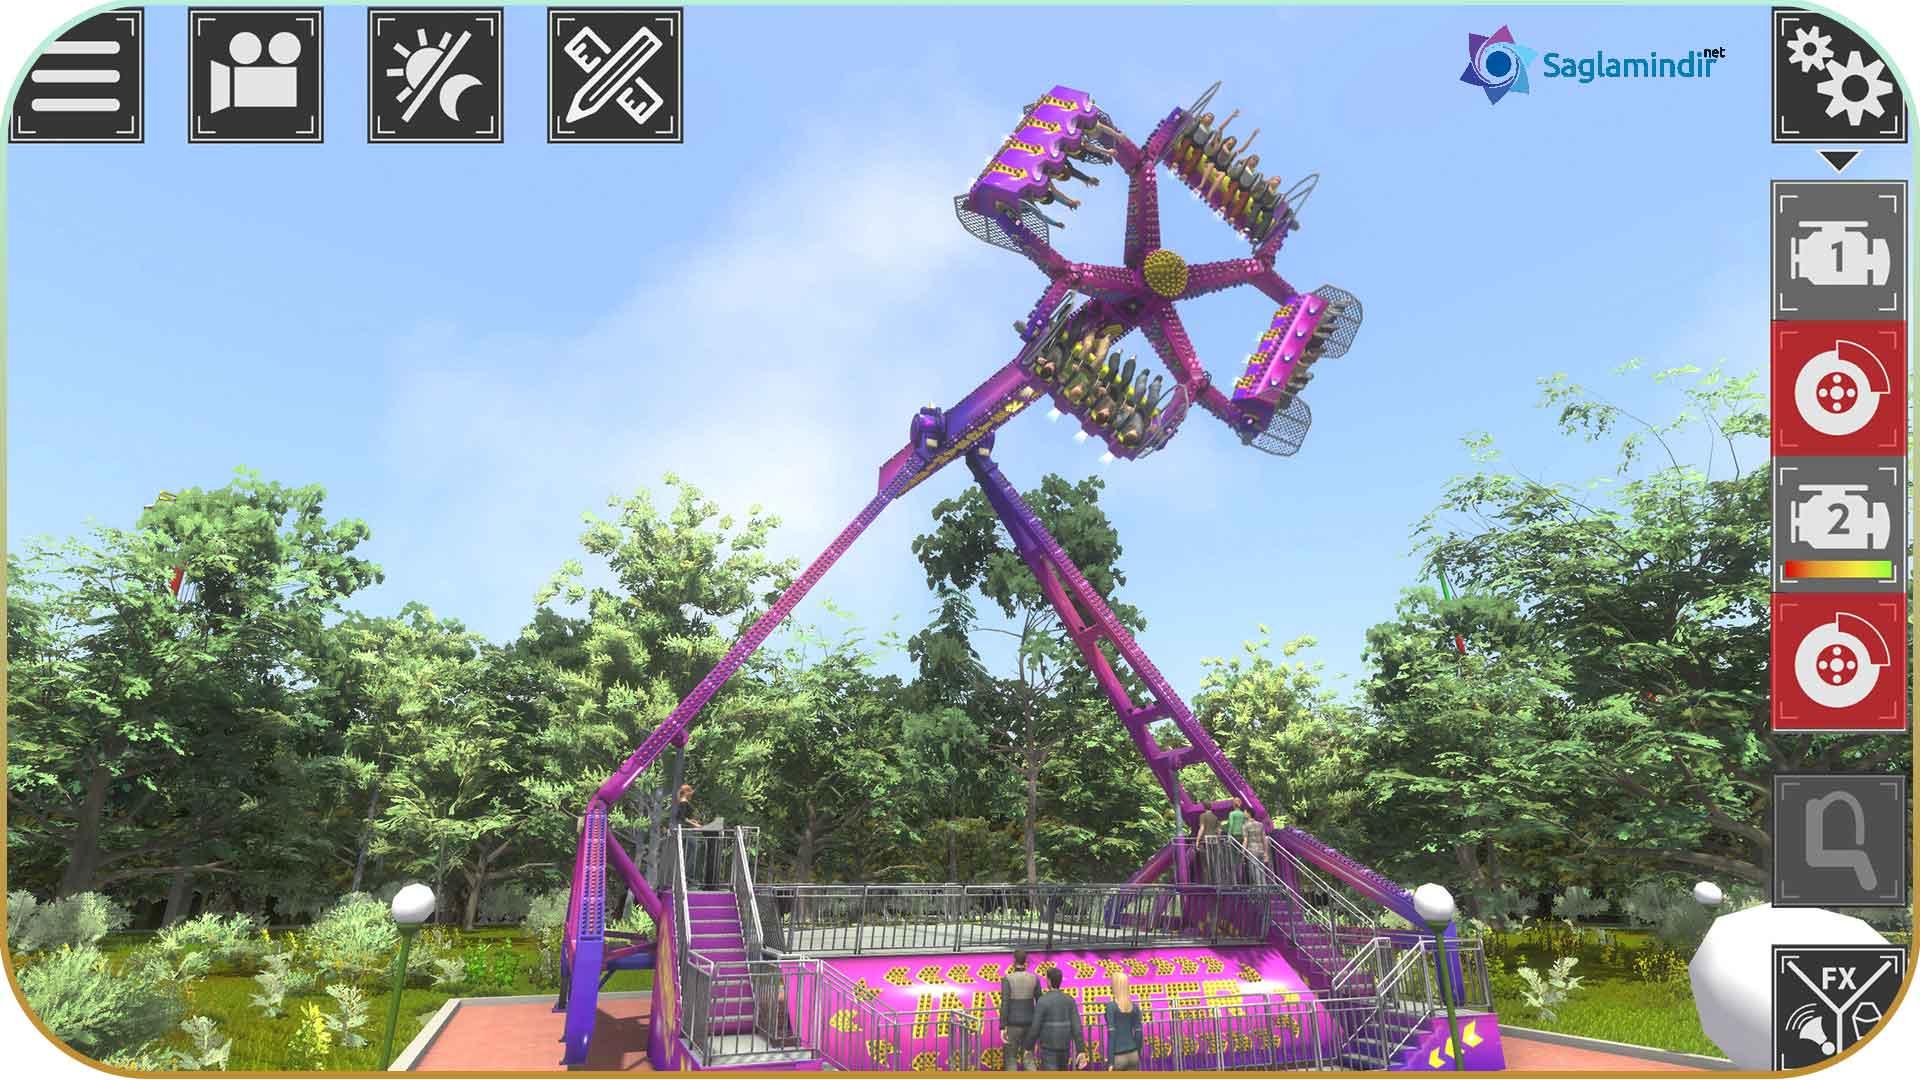 Theme Park Simulator saglamindir